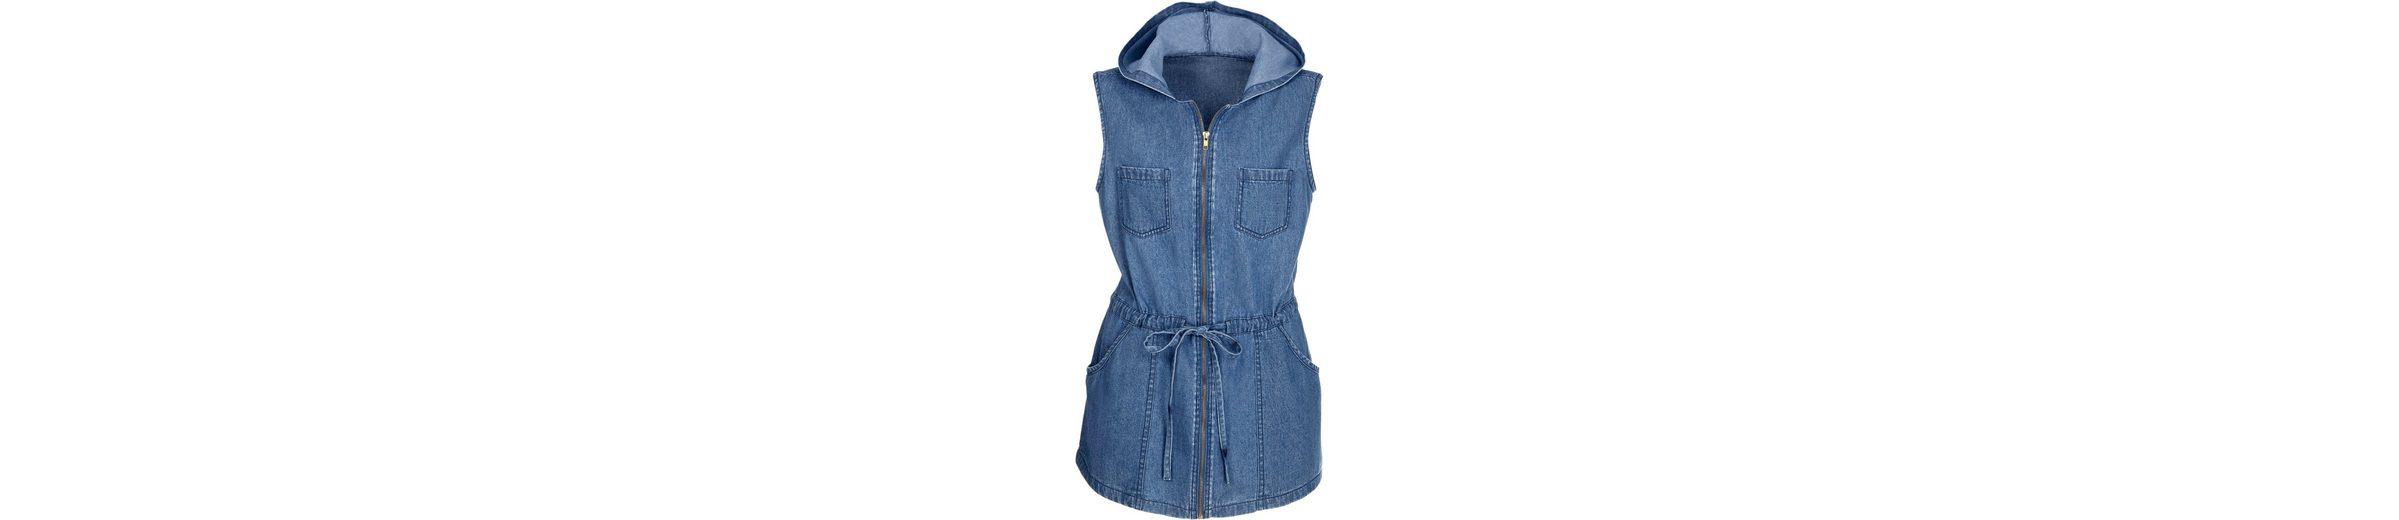 Classic Basics Jeans-Weste mit Kapuze Spielraum Erhalten Authentisch Sneakernews Online Echt Verkauf Online Günstig Kaufen 1rnec8